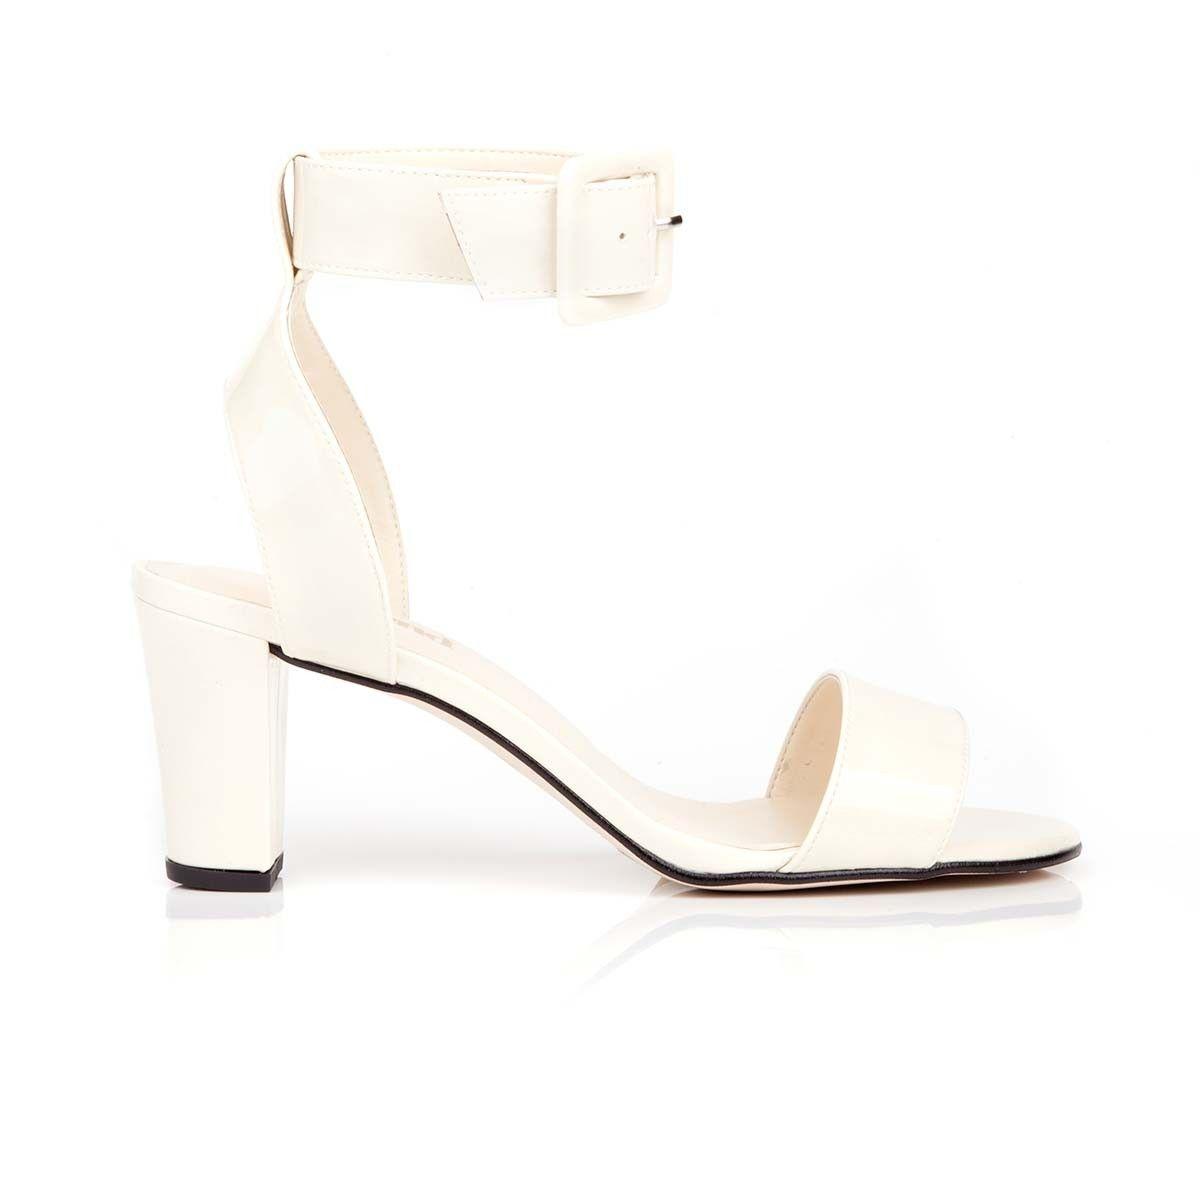 b45f74e7b Cream Colette Sandals